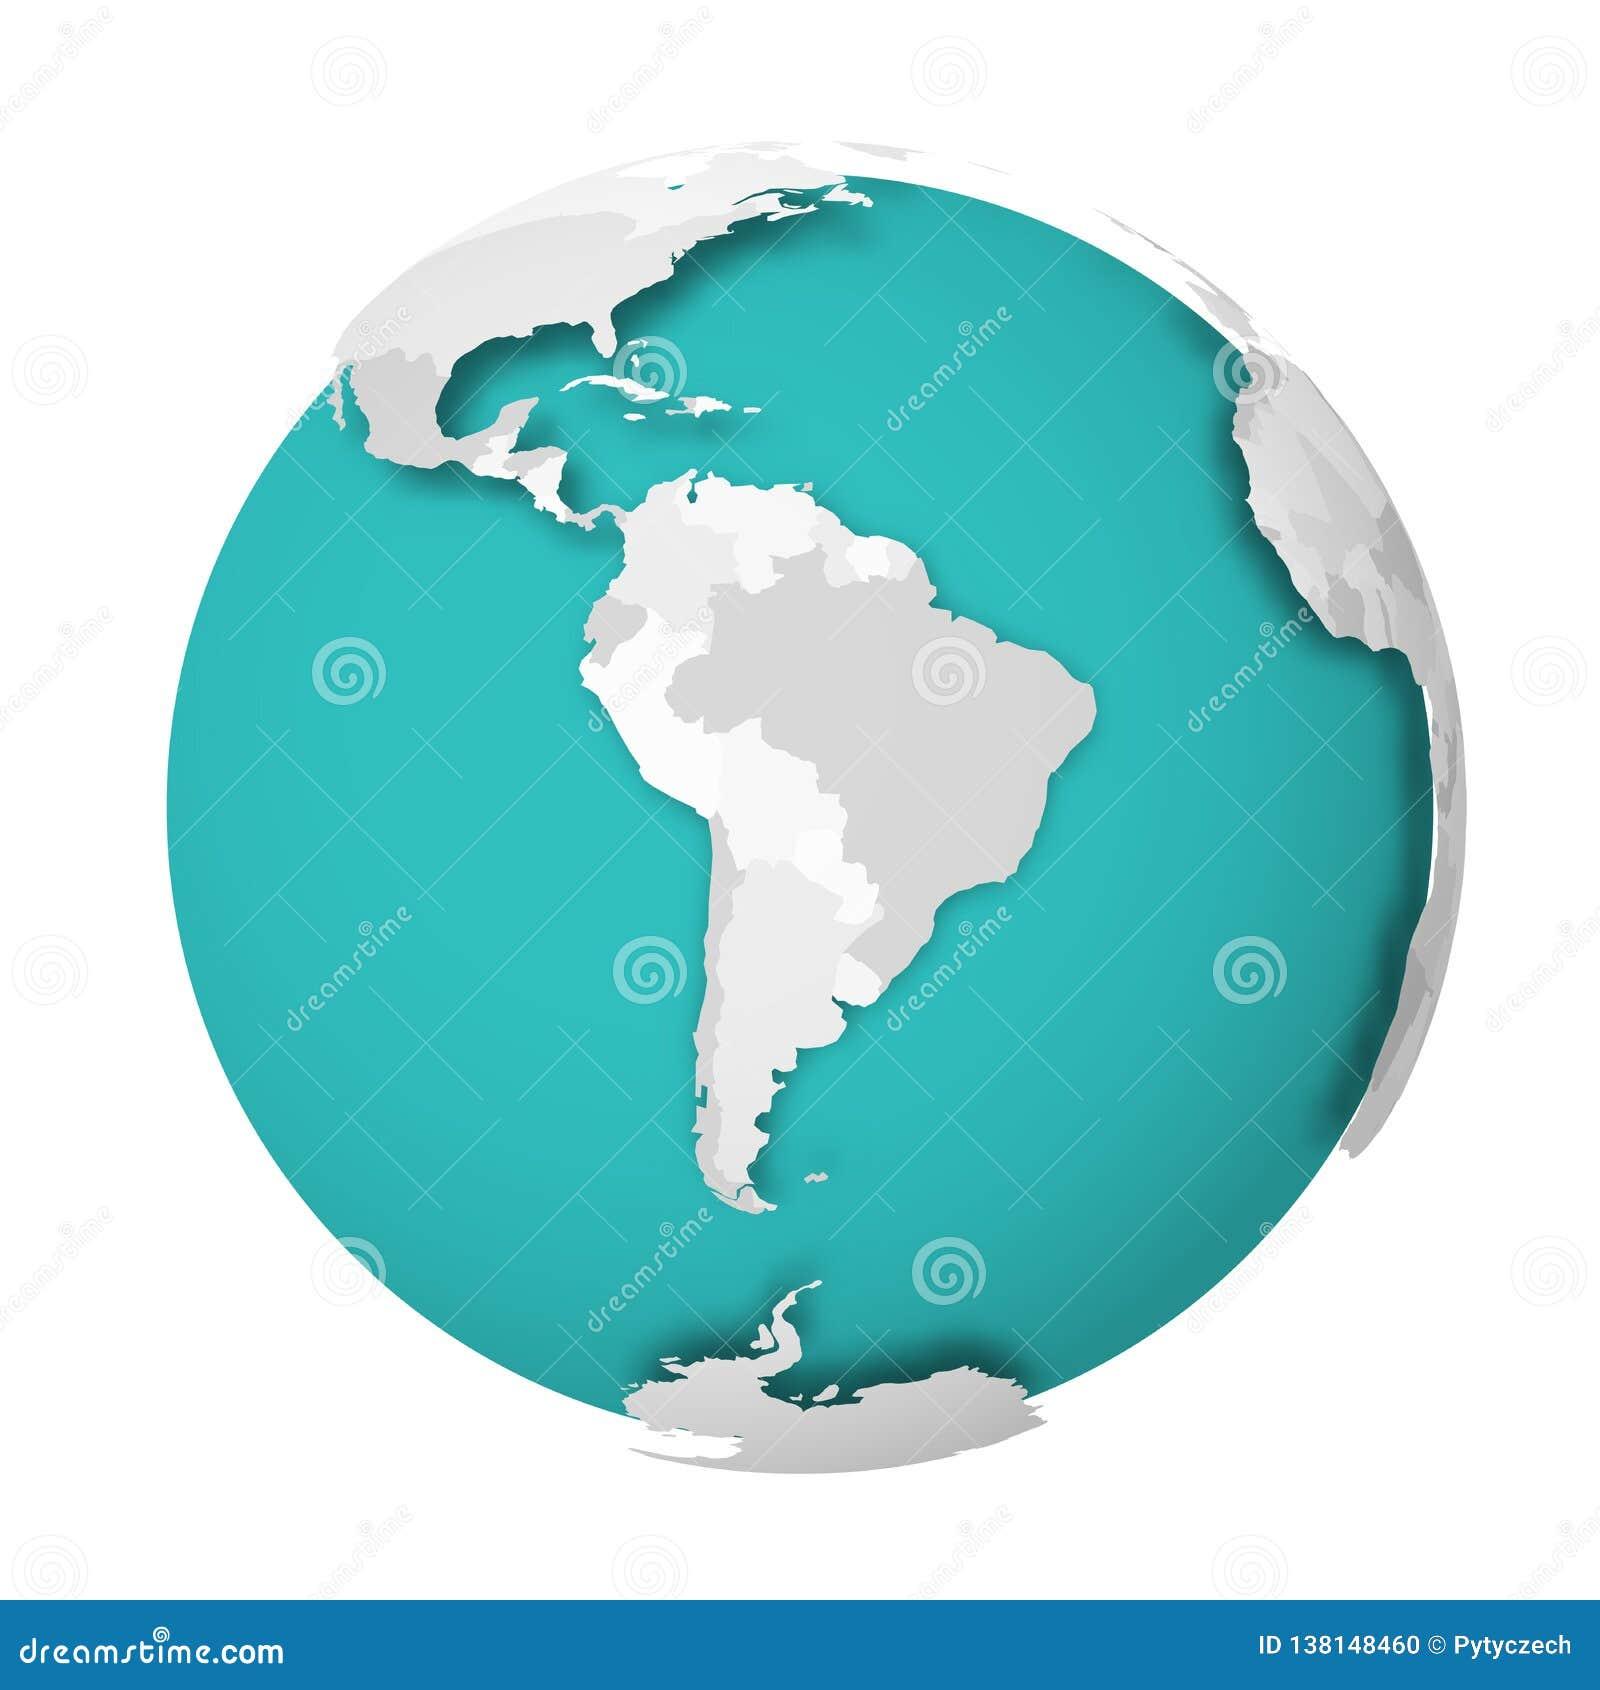 Globo de la tierra 3D con la sombra de caída del mapa político en blanco en los mares verdes azules y los océanos Ilustración del